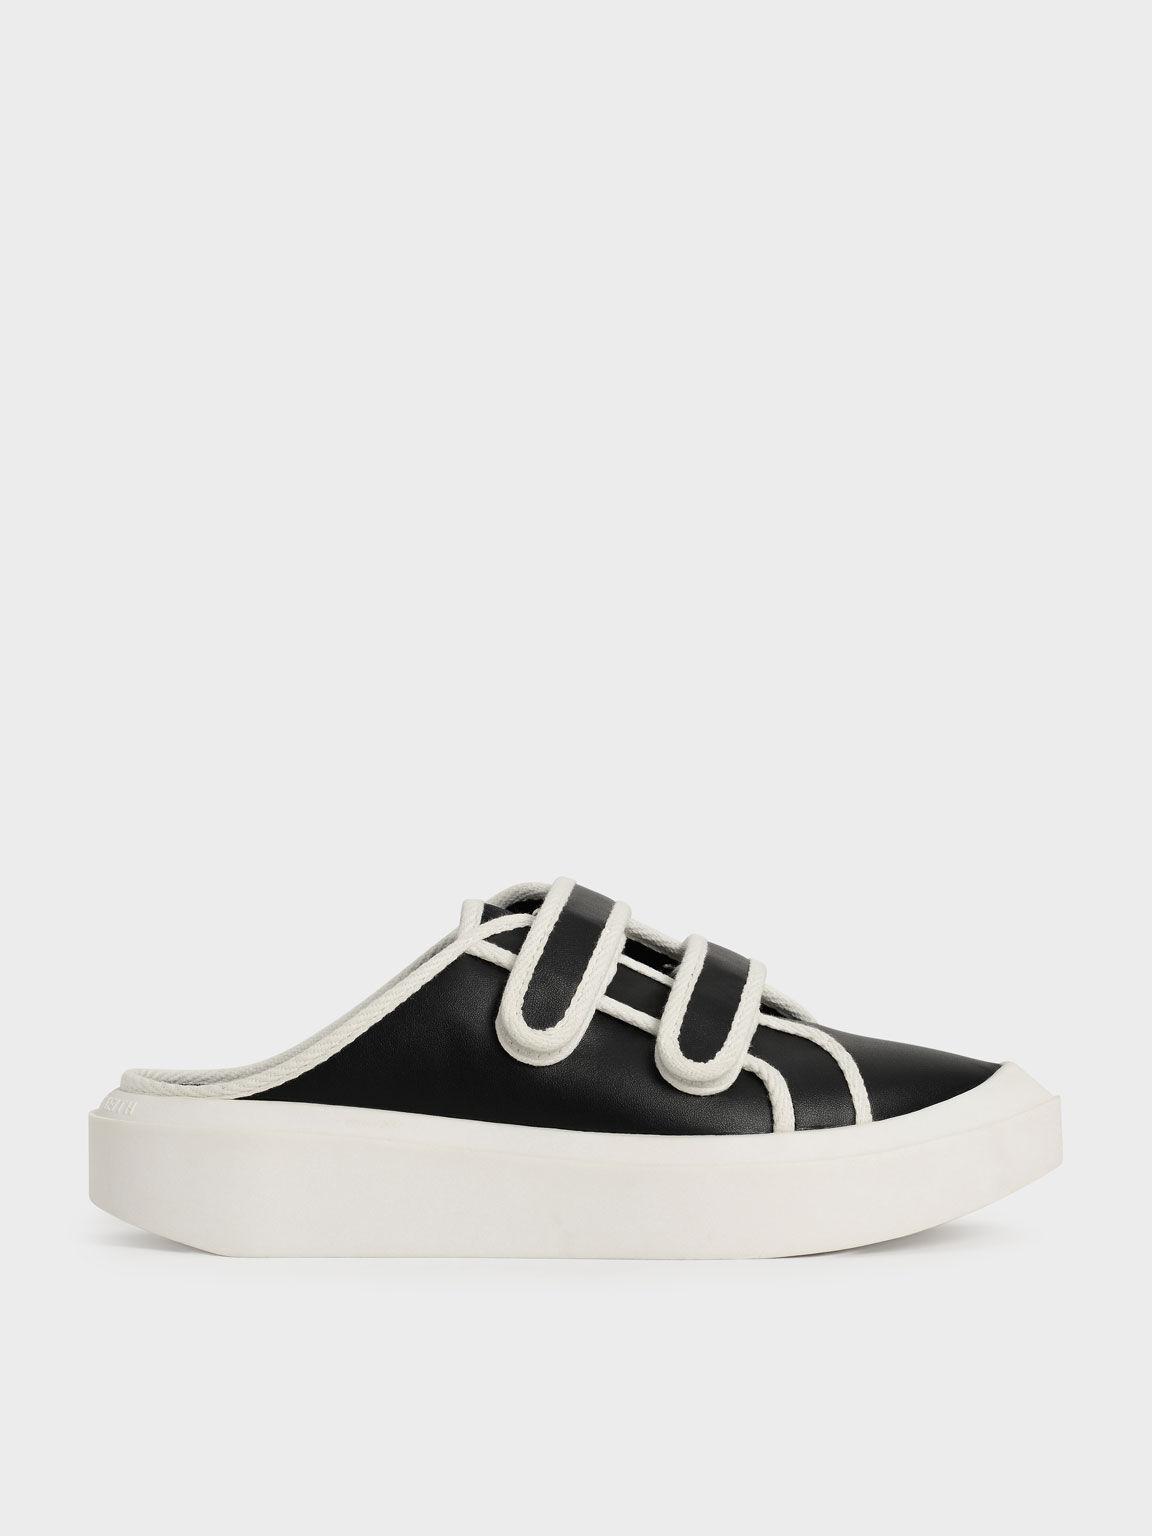 厚底尖頭懶人鞋, 黑色, hi-res